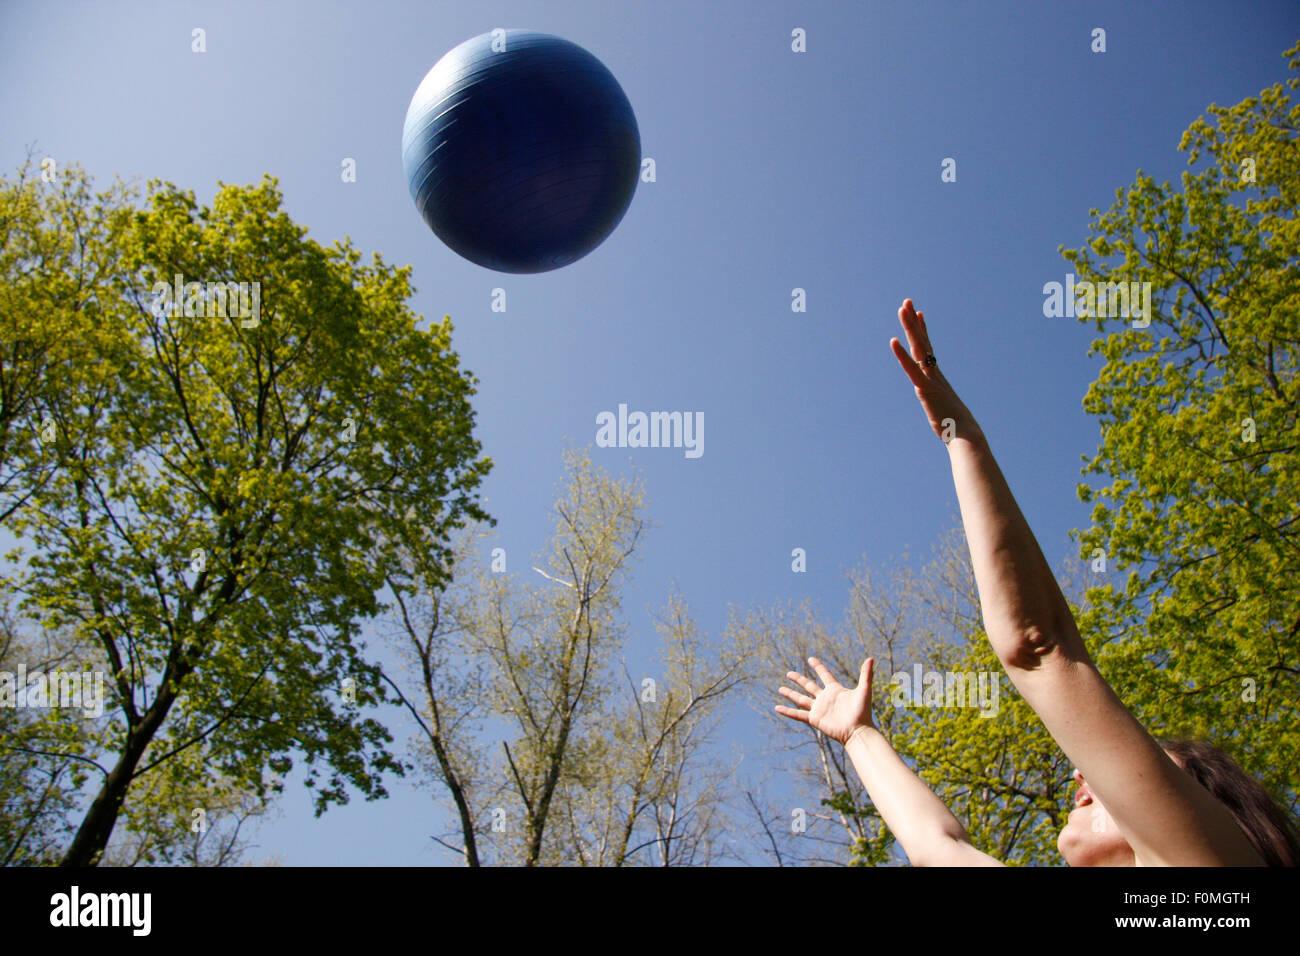 im Himmel Geworfener Ball. Stockbild